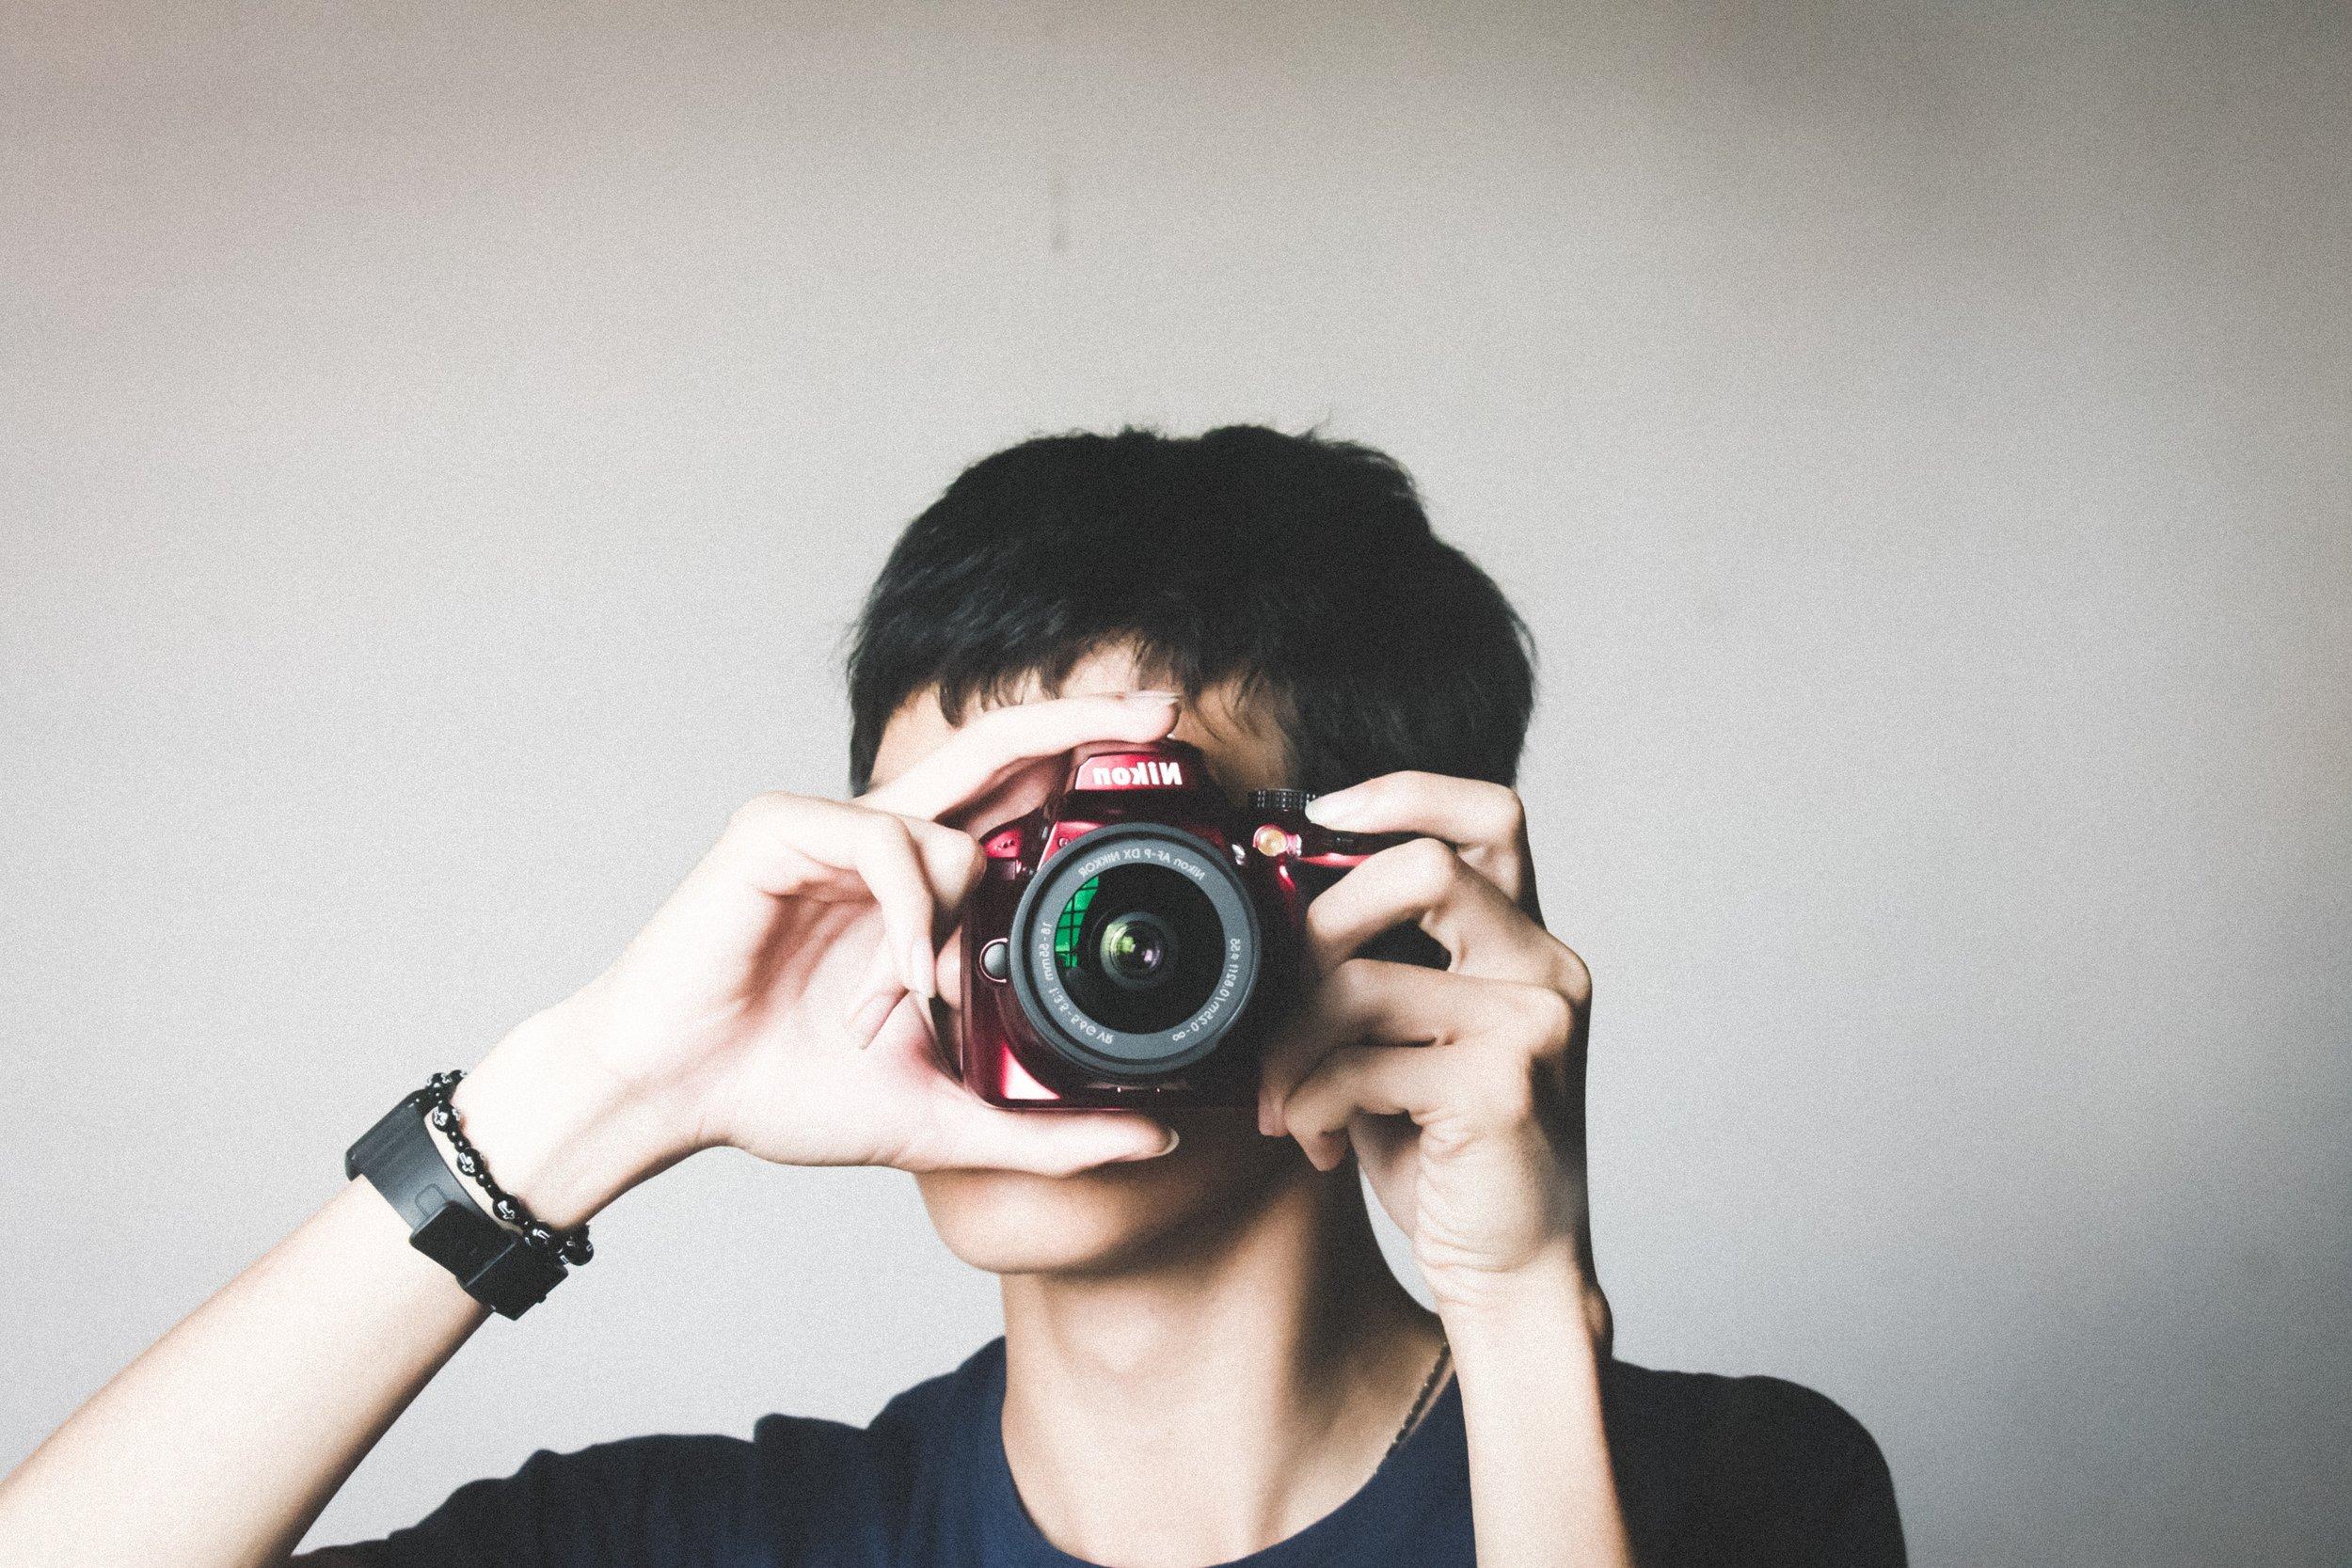 bracelet-camera-equipment-954202.jpg